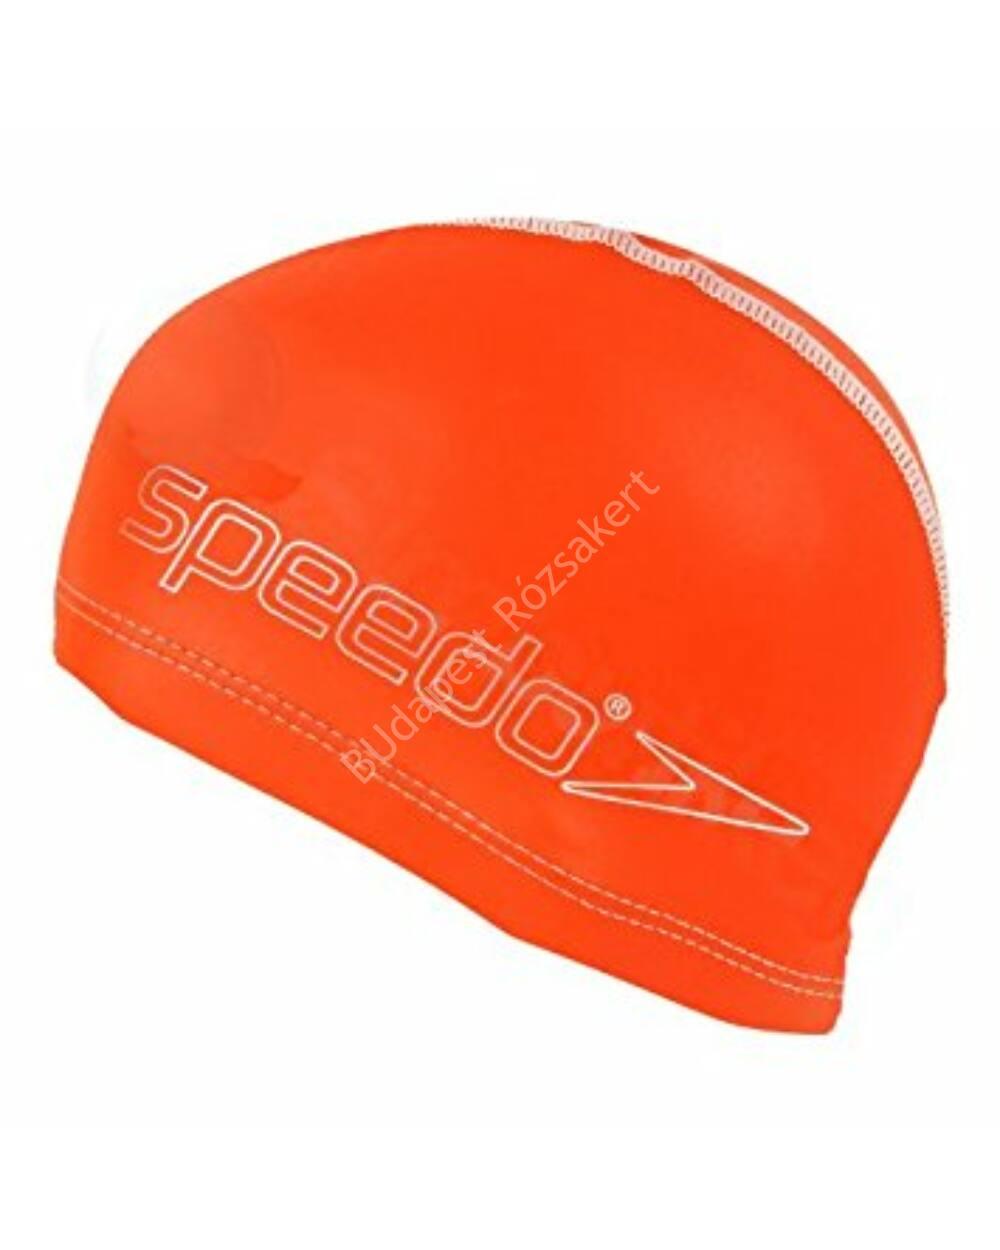 Speedo Pace Cap úszósapka, narancssárga